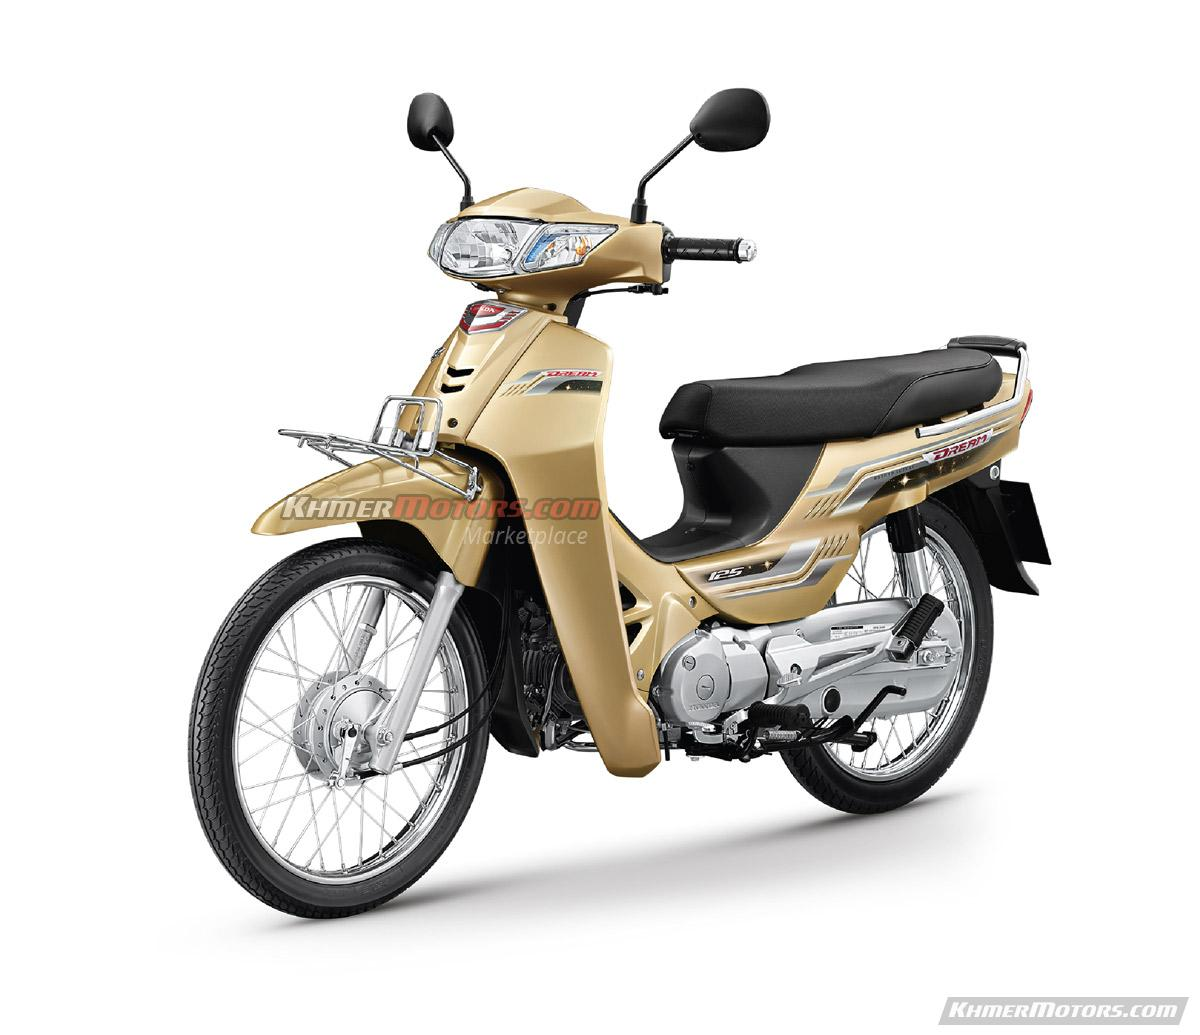 Honda dream 2017 price updated khmer motors for Max motor dreams cost